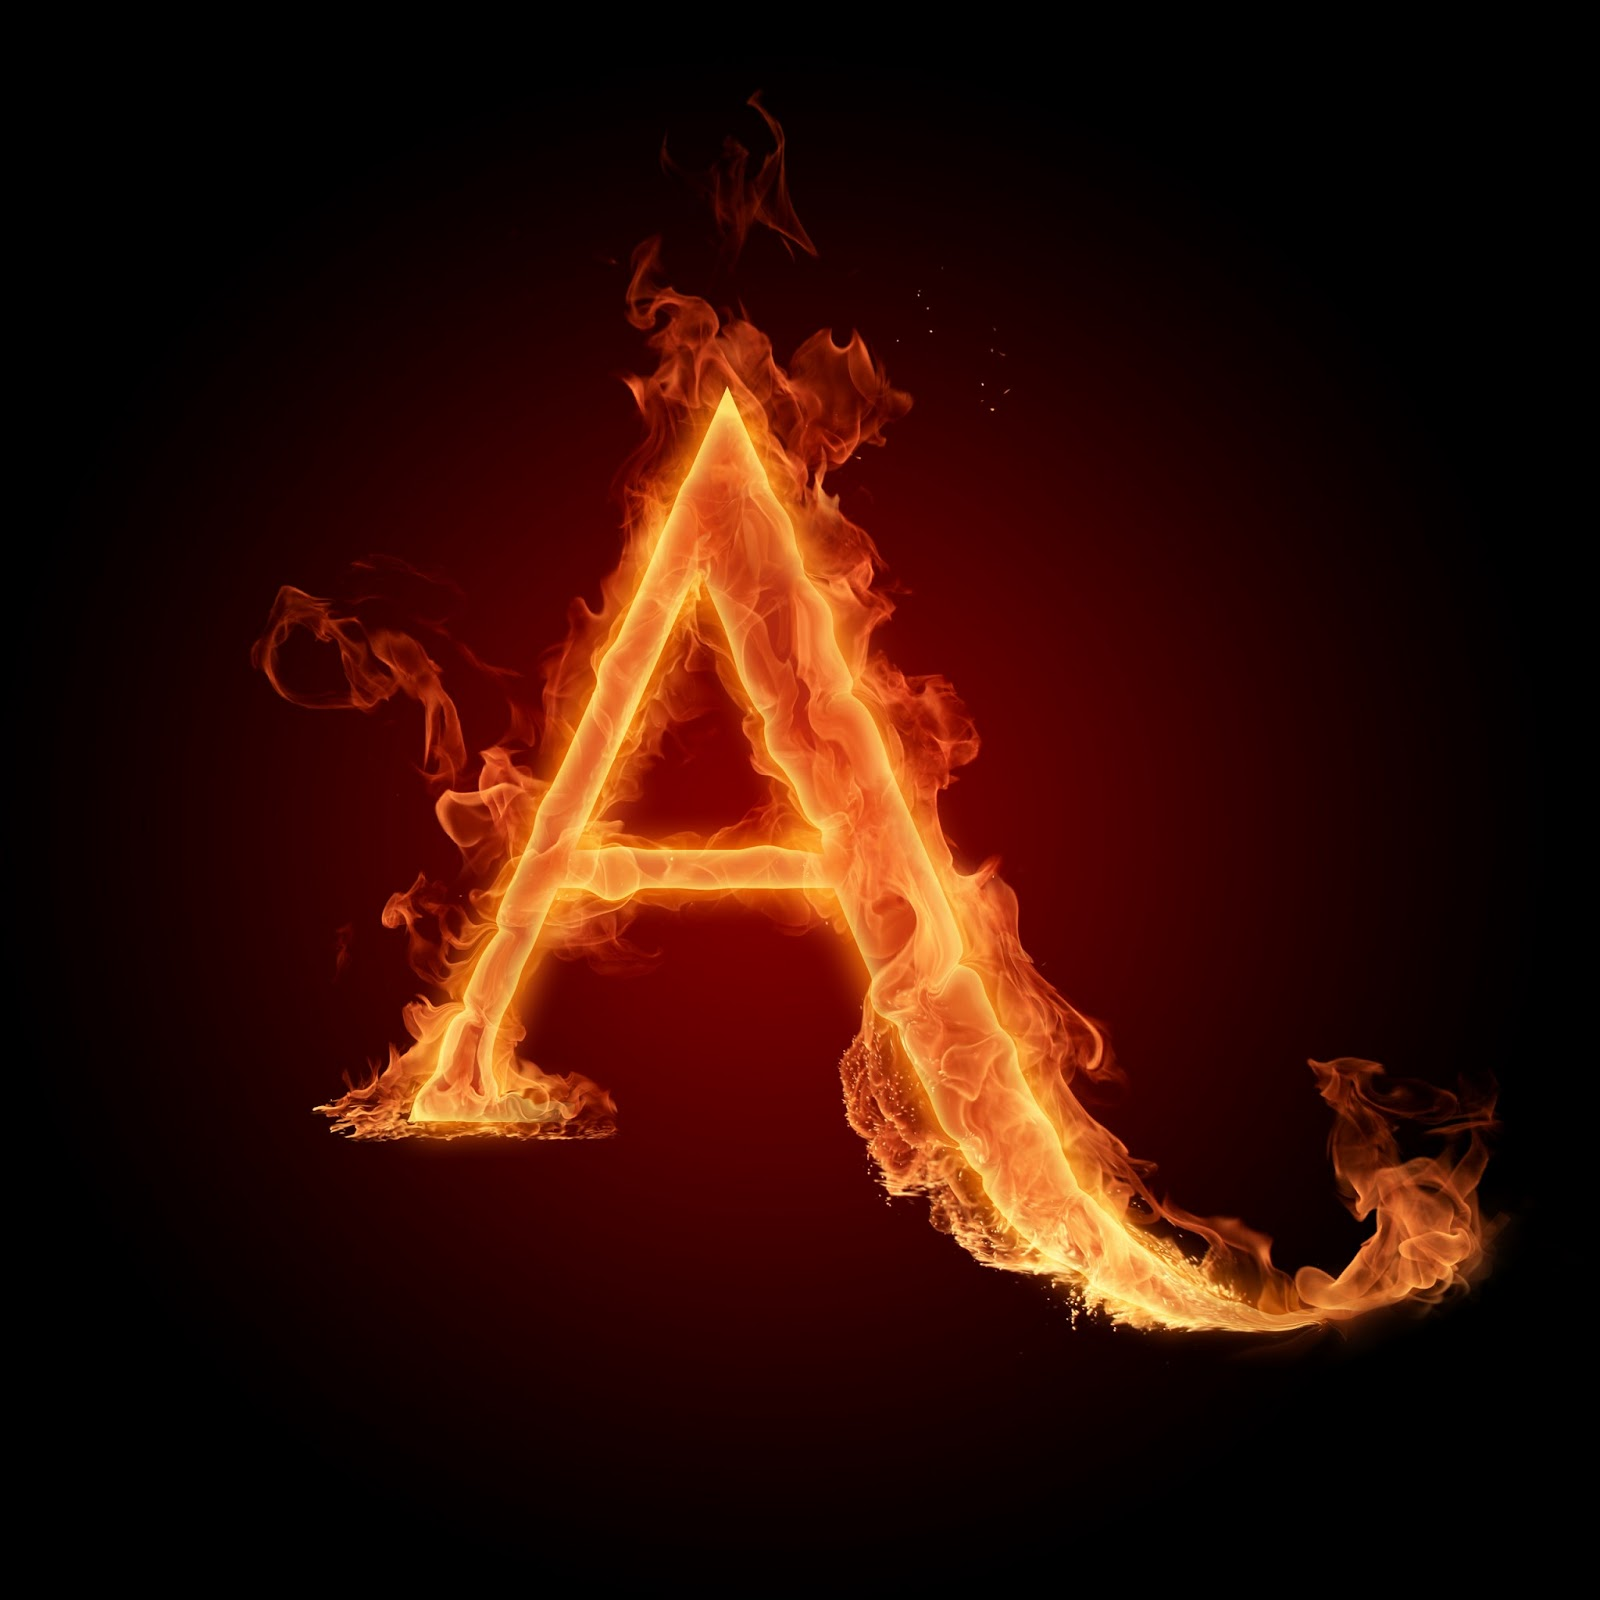 خلفيات حرف A a  لسطح المكتب The-letter-A-the-alp